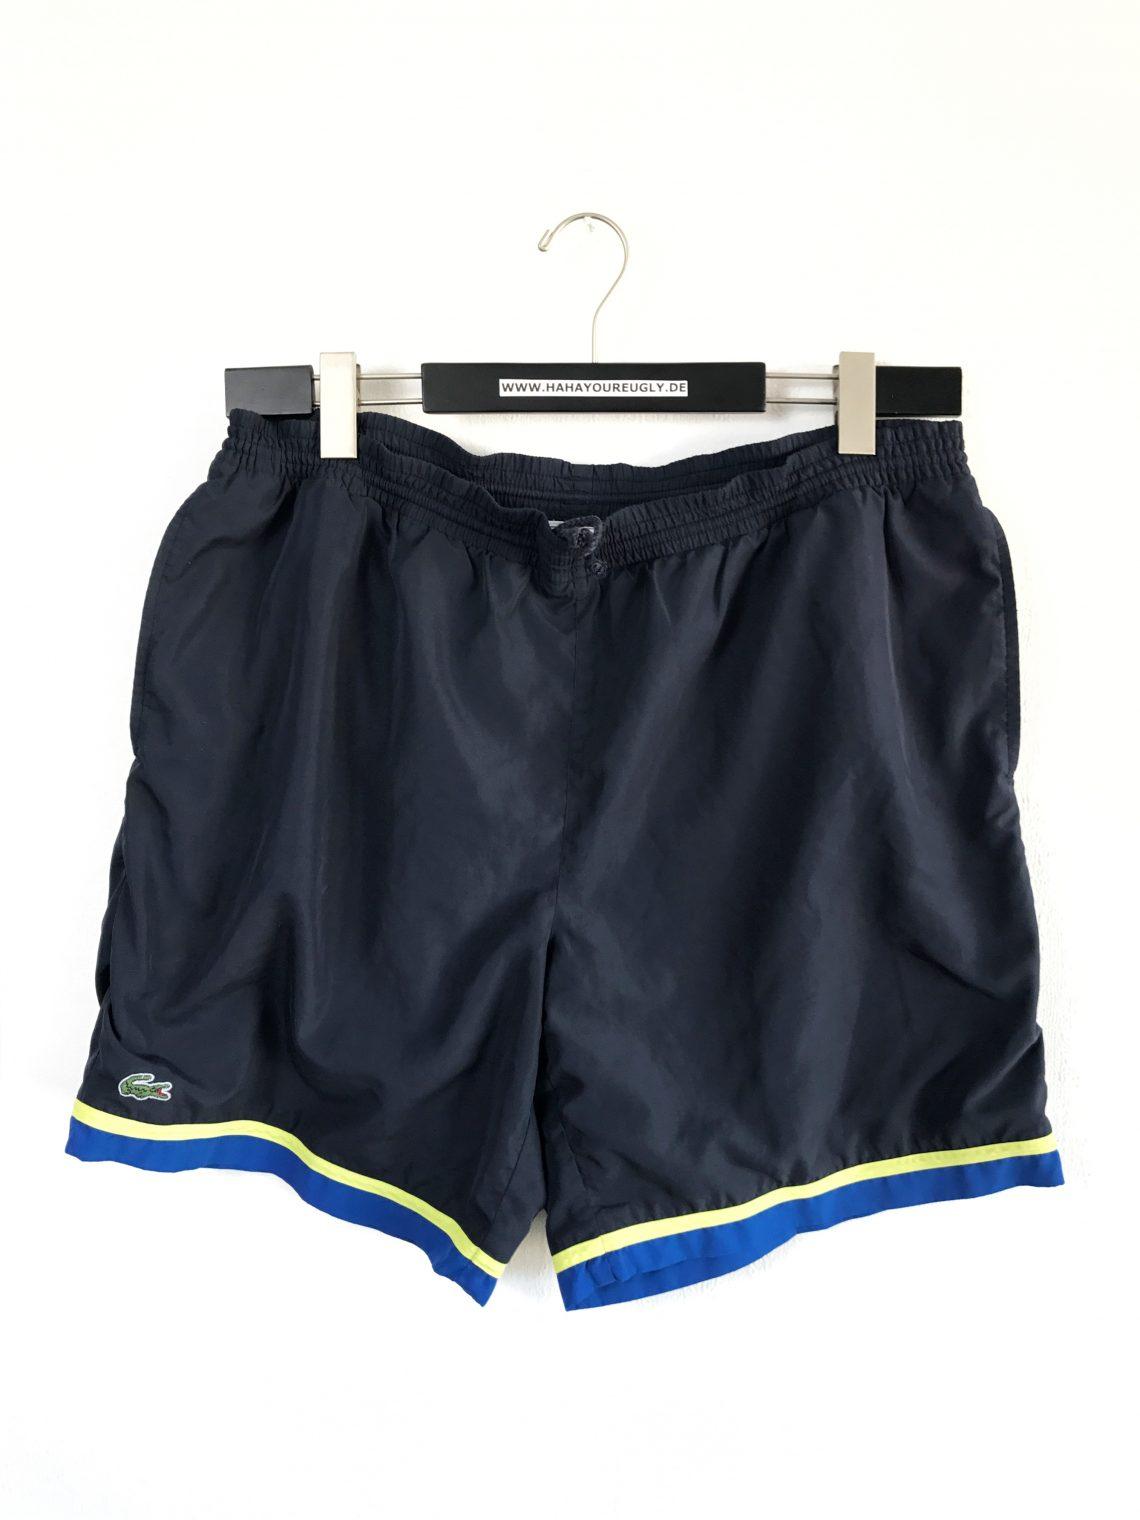 LACOSTE SPORT Vintage Sporthose Swimwear Sportswear